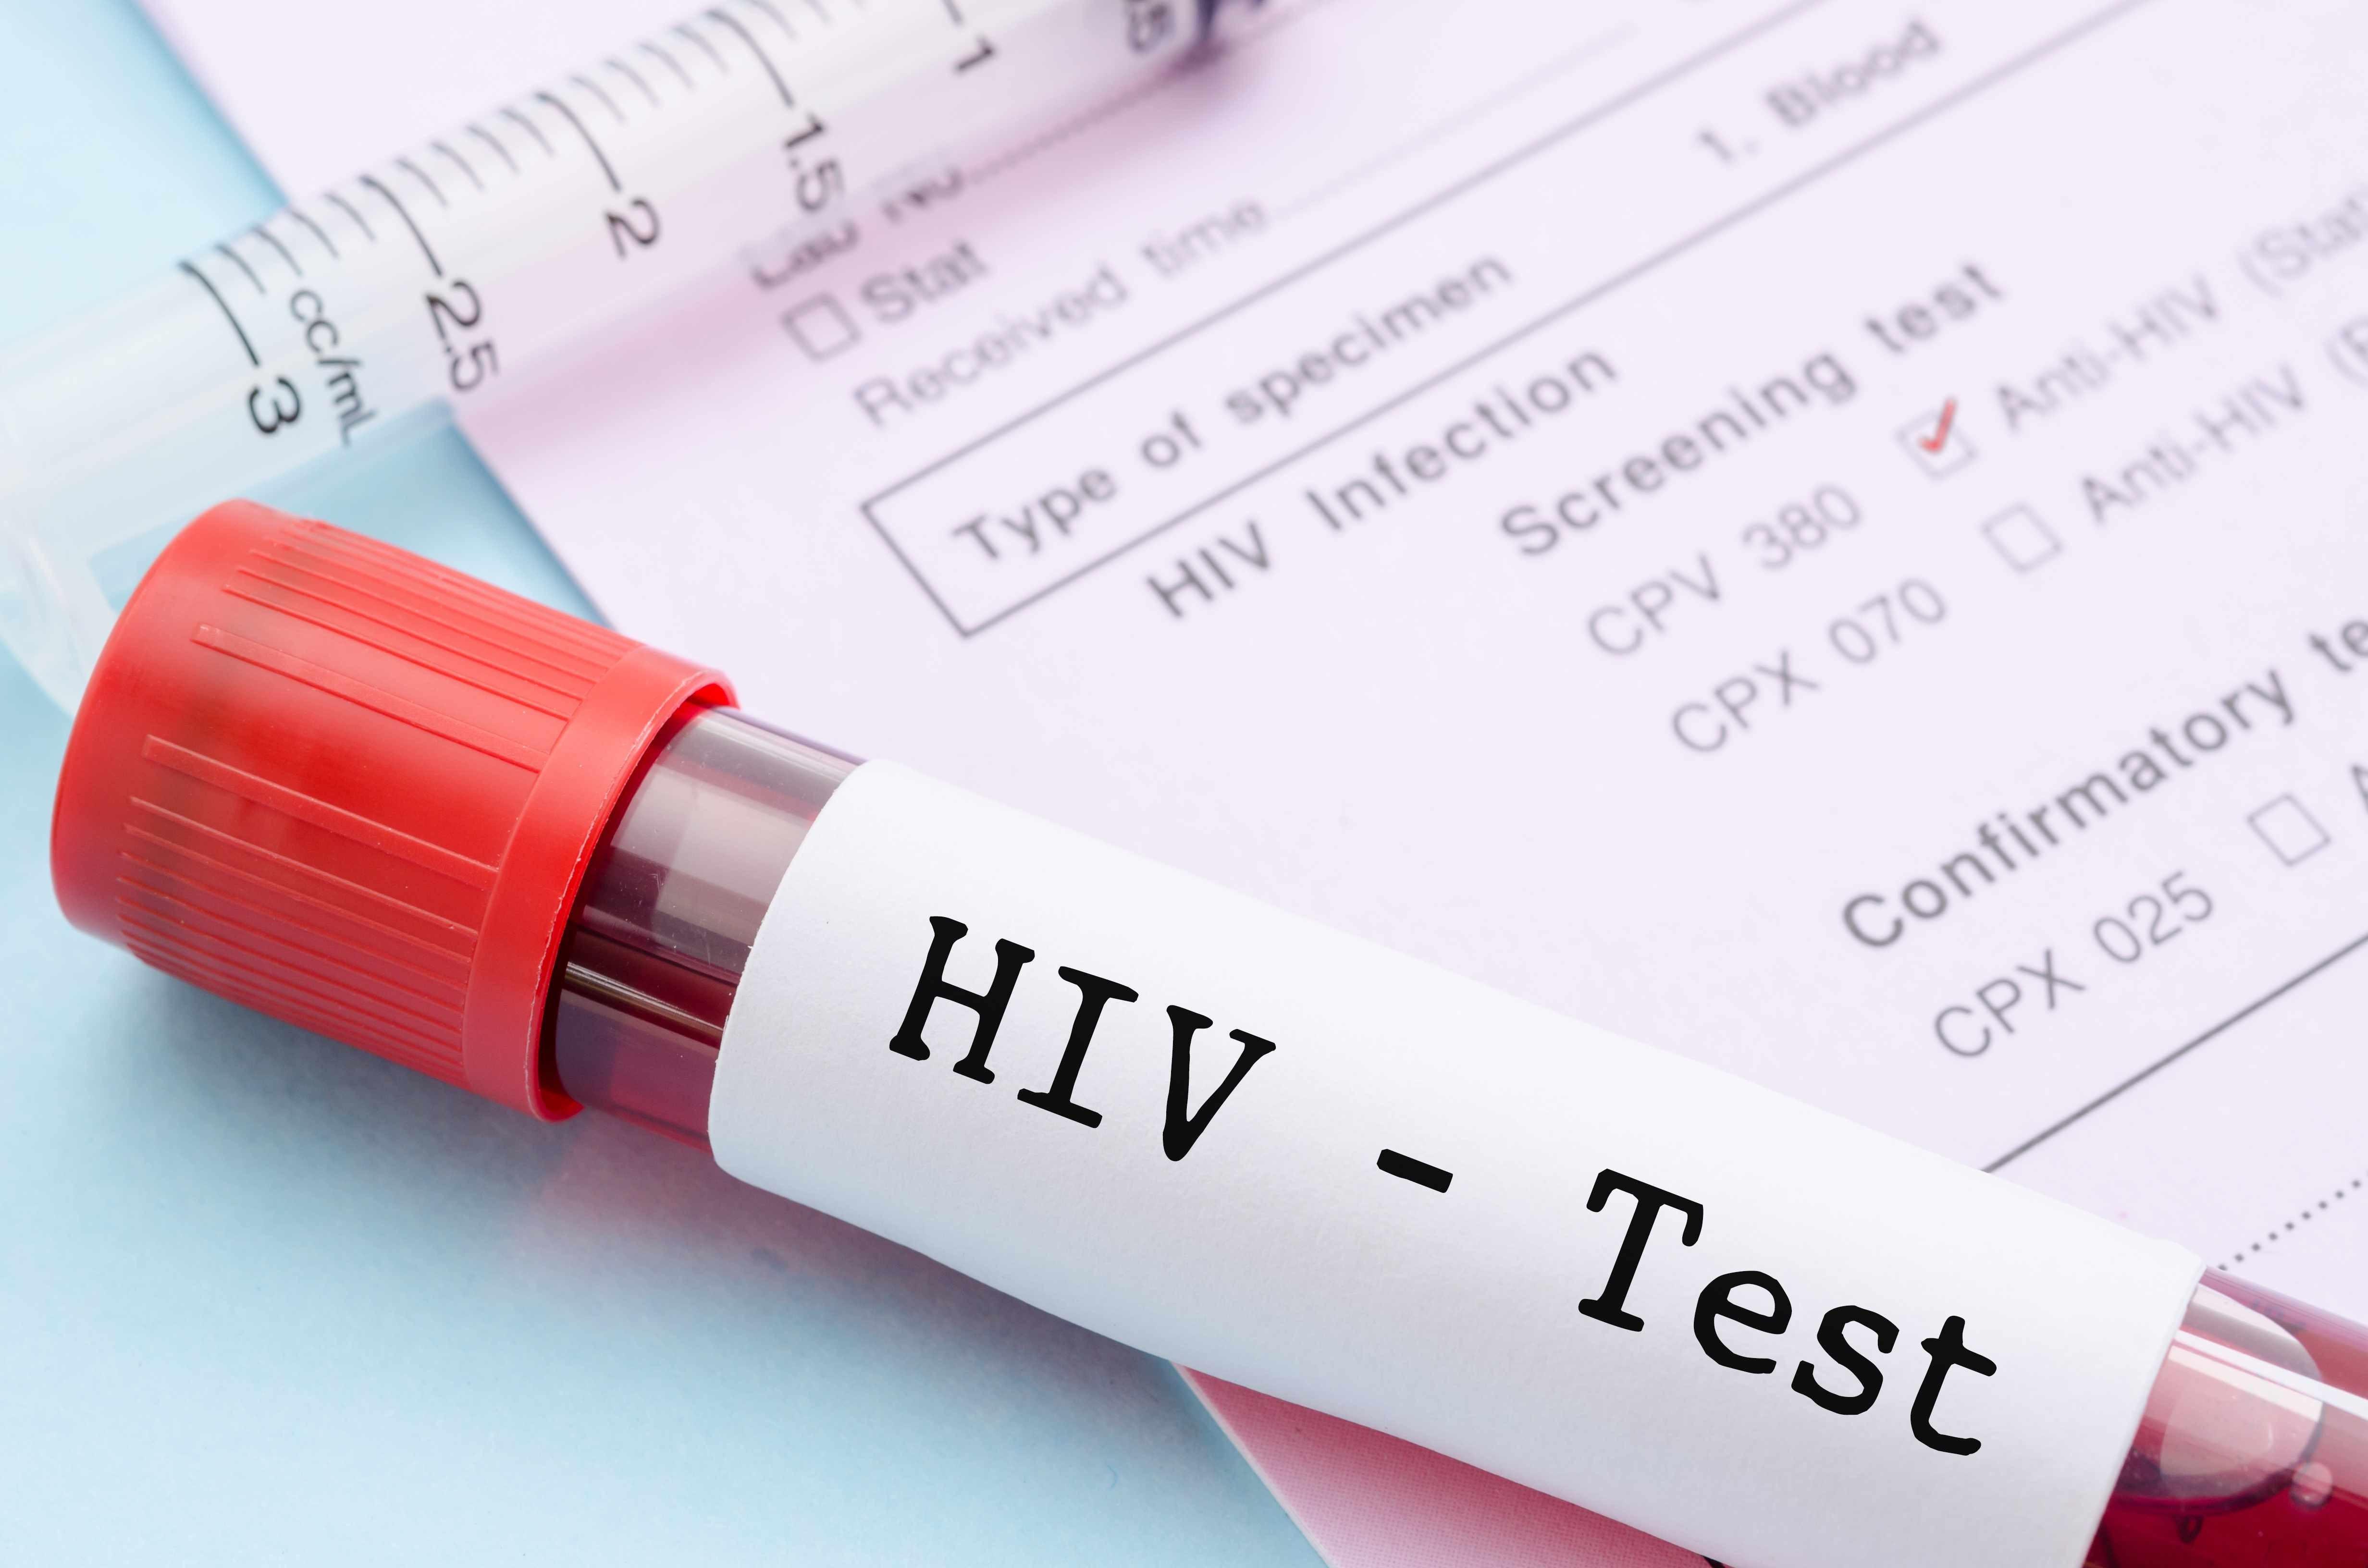 Минюст выступает против обязательной постановки научет ВИЧ-инфицированных